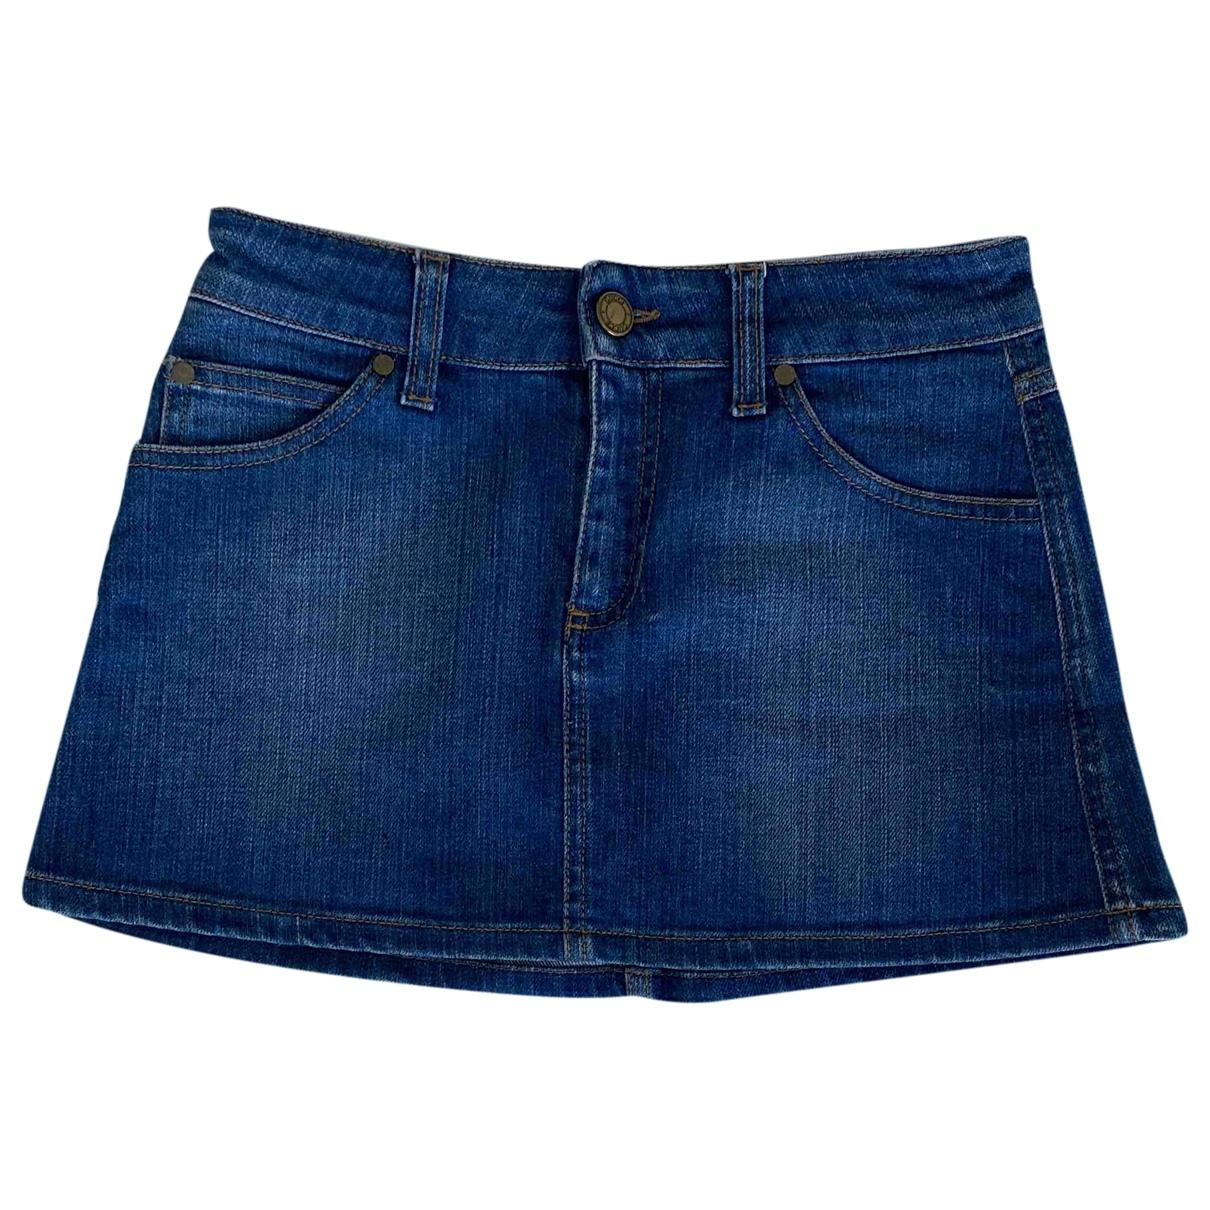 Gucci \N Blue Denim - Jeans skirt for Women 38 FR